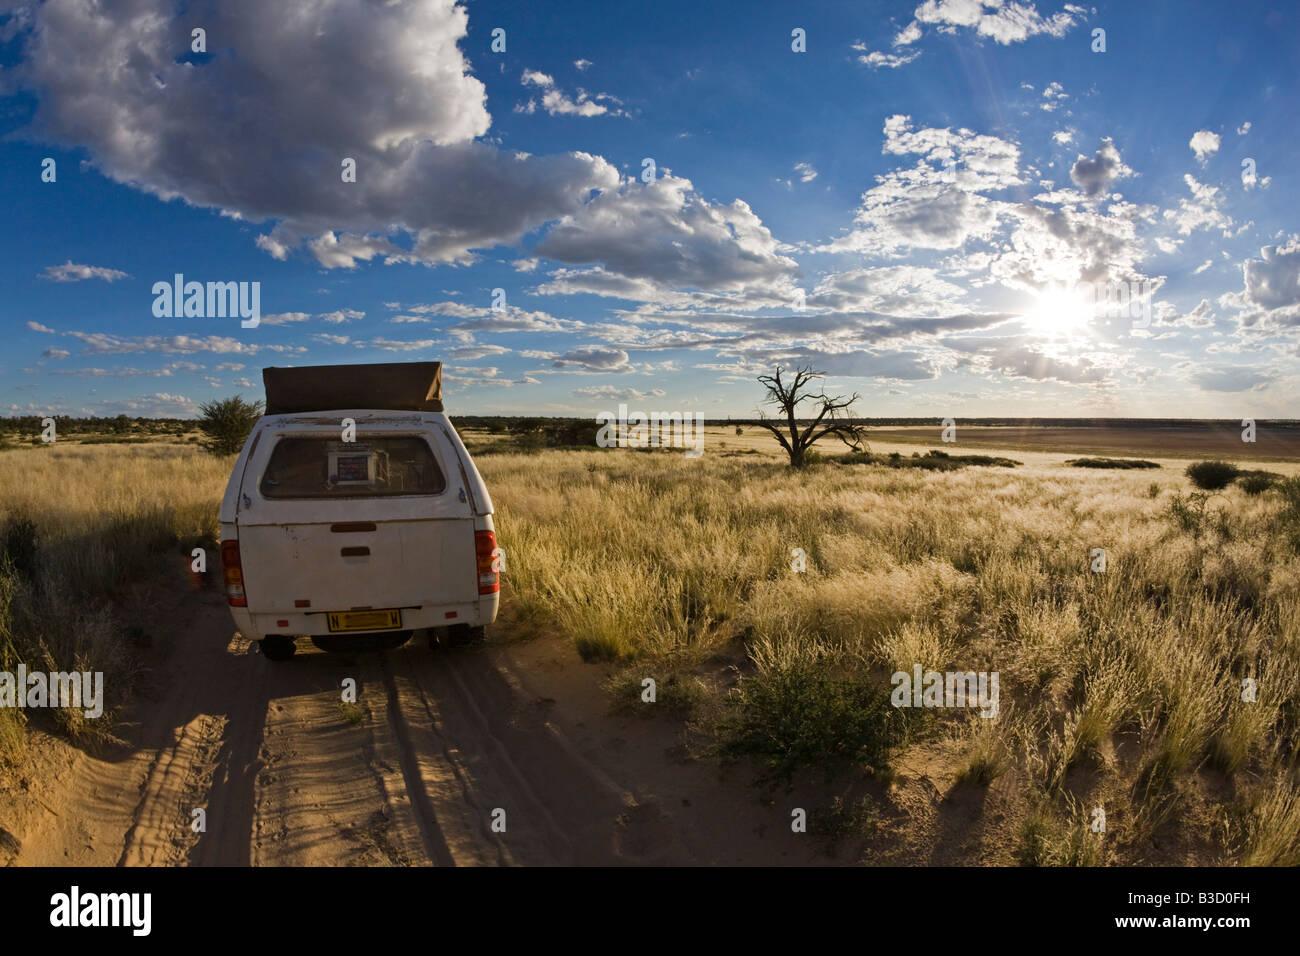 Africa, Botswana, Vehicle on track - Stock Image